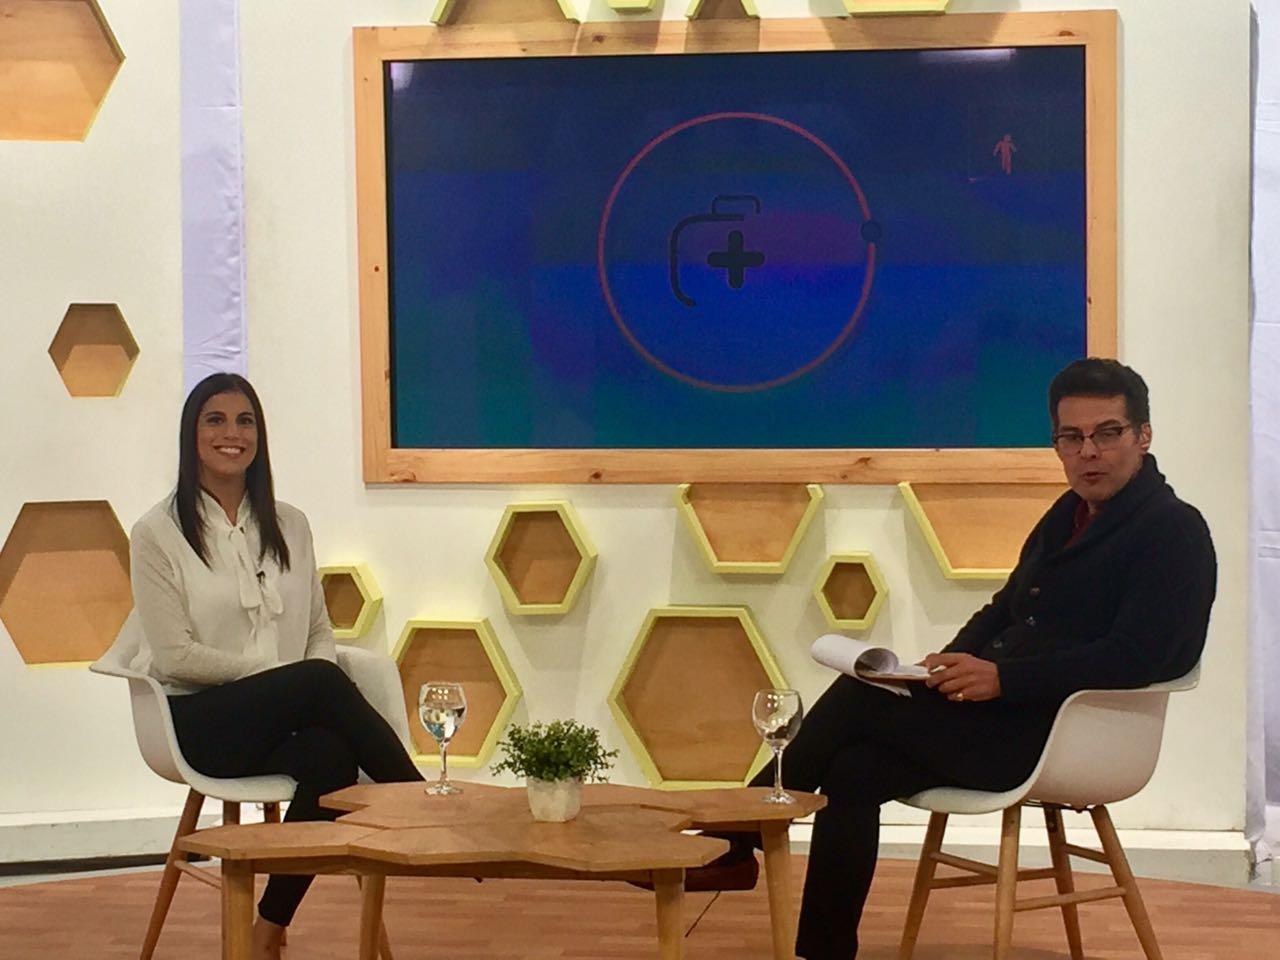 Detrás de cámaras en el Consultorio de la Buena Vida junto con el Dr. Recoba para Plus Tv